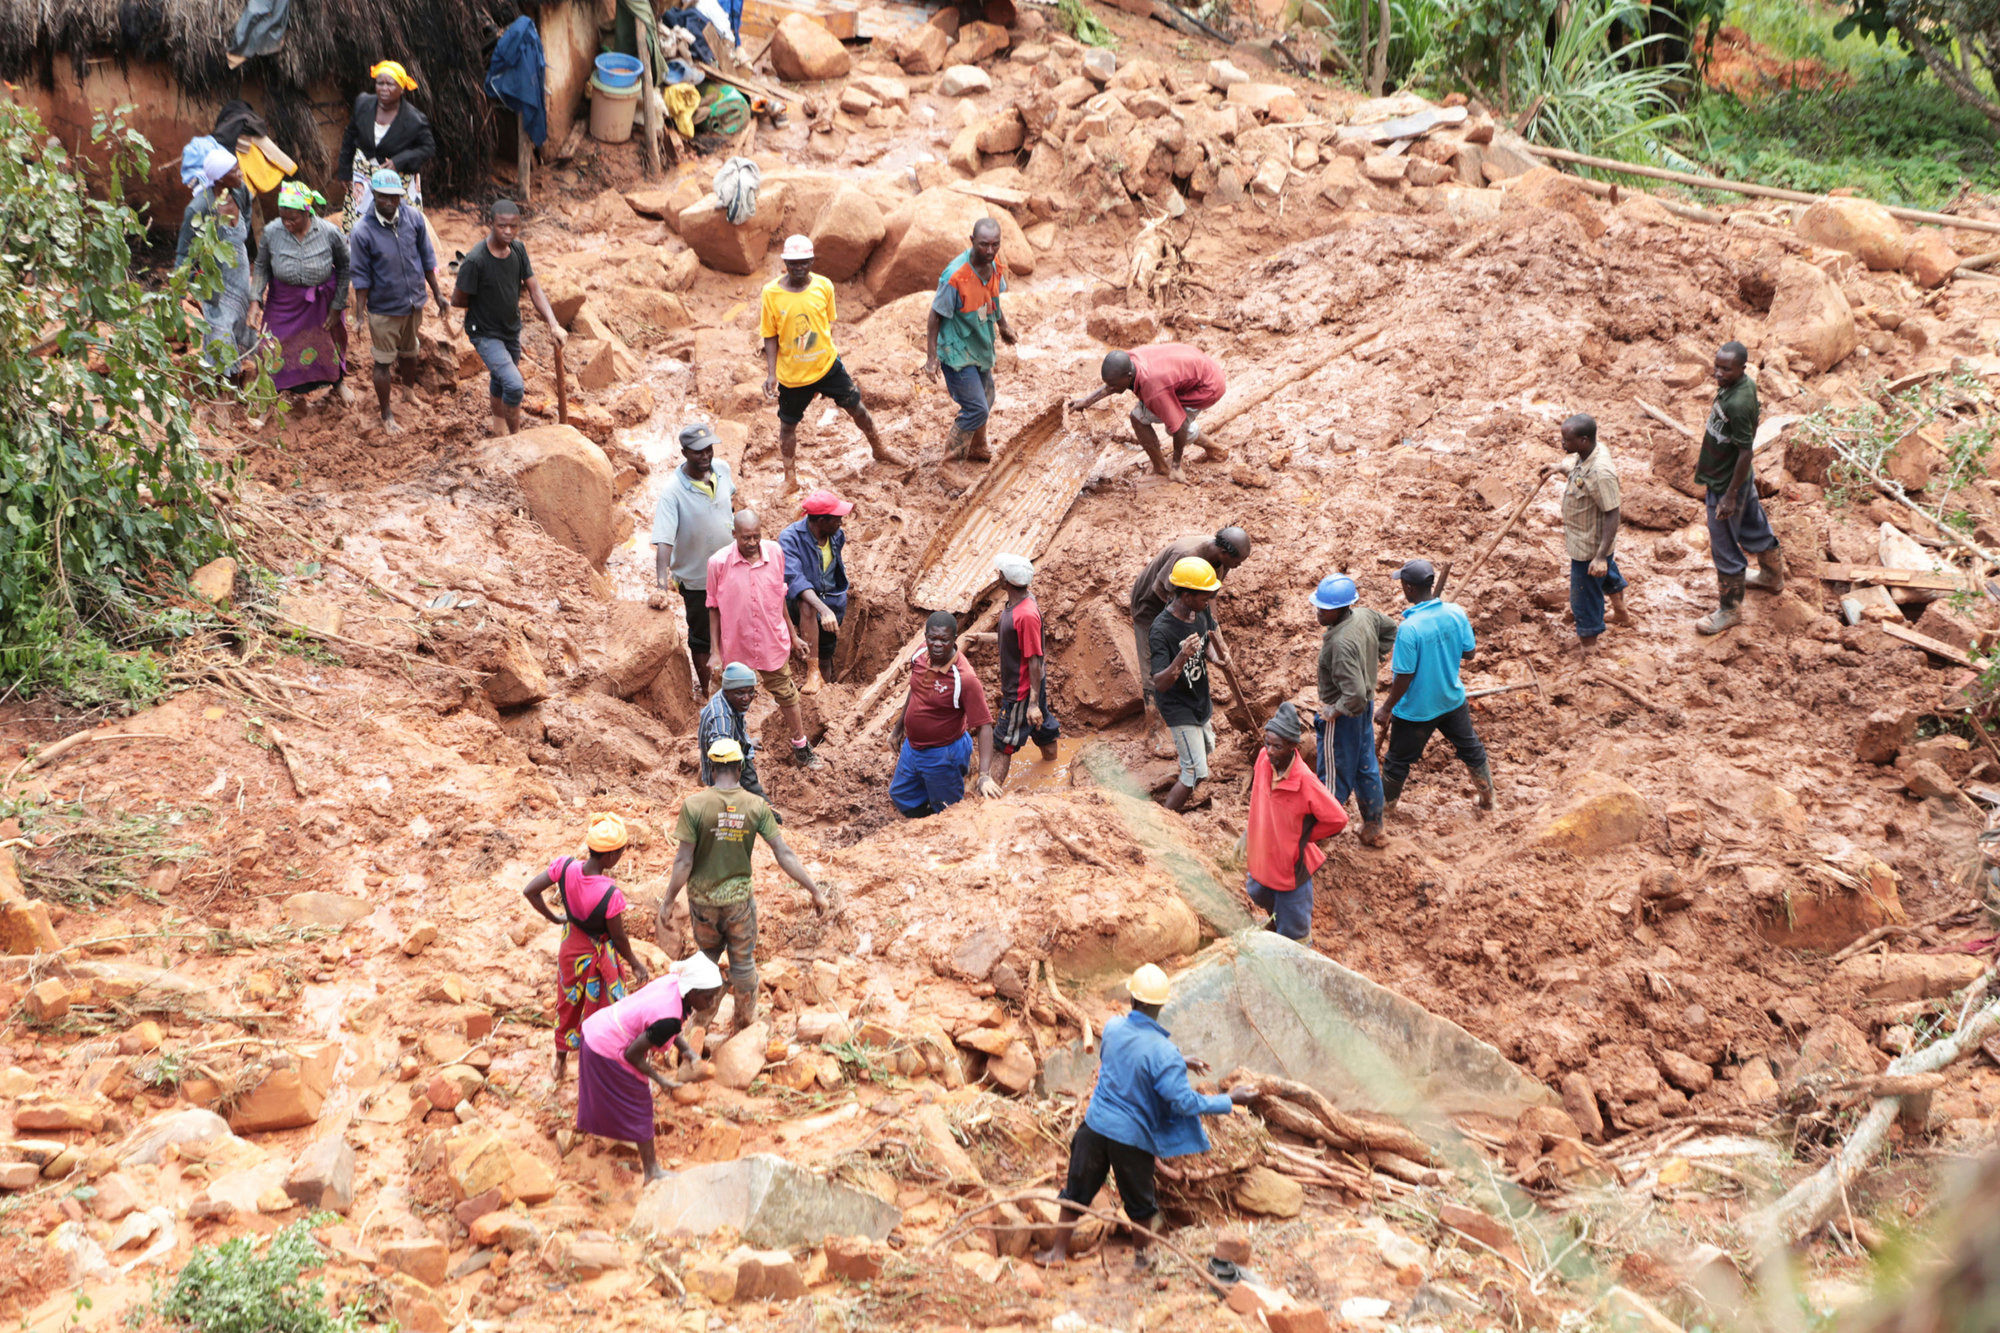 """زيمبابوي تعلن حدادا وطنيا ليومين بعد وفاة 139 شخصا جراء إعصار """"إيداي"""""""